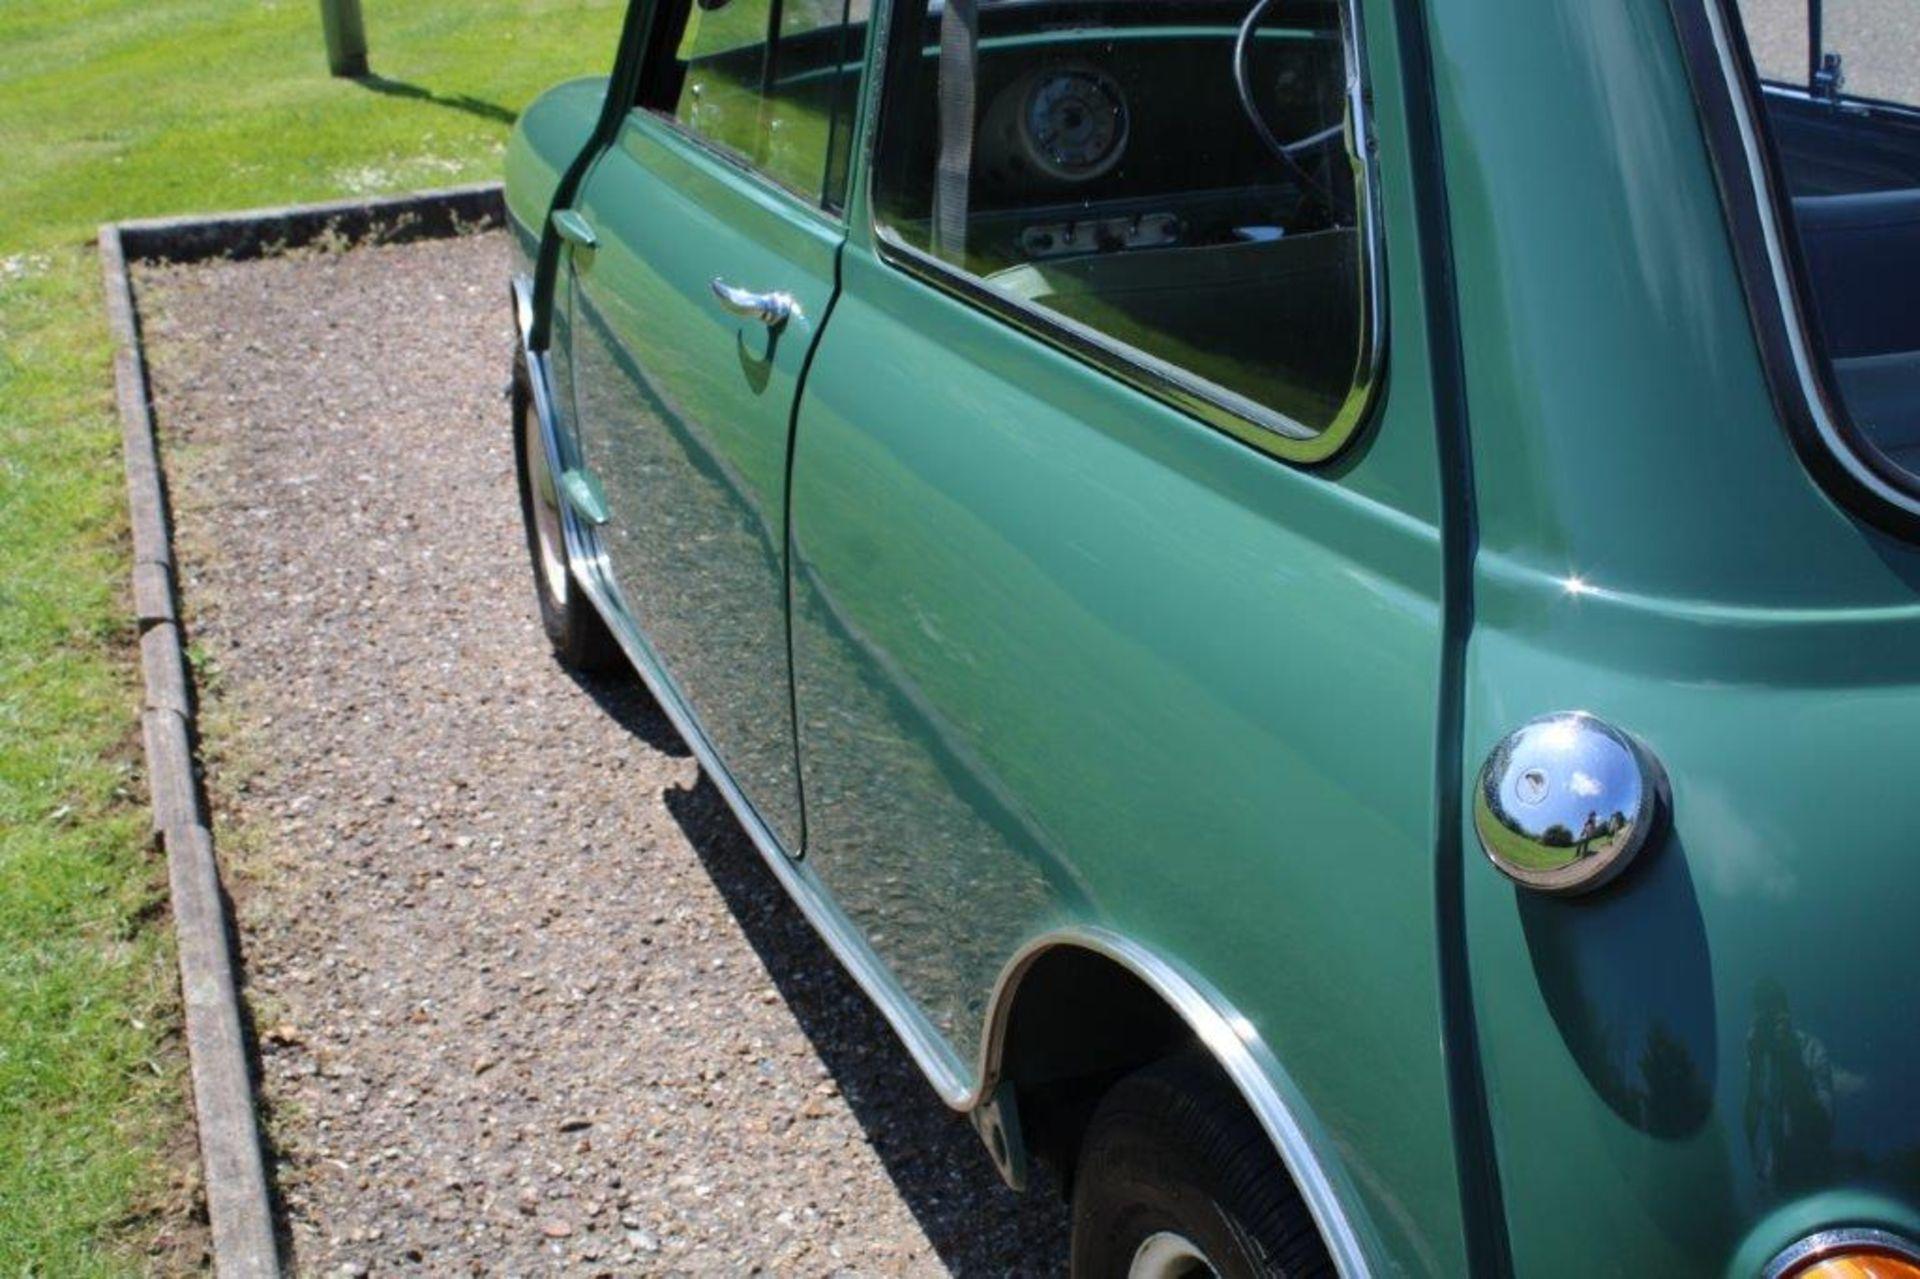 1962 Austin Mini 850 MK I - Image 10 of 28